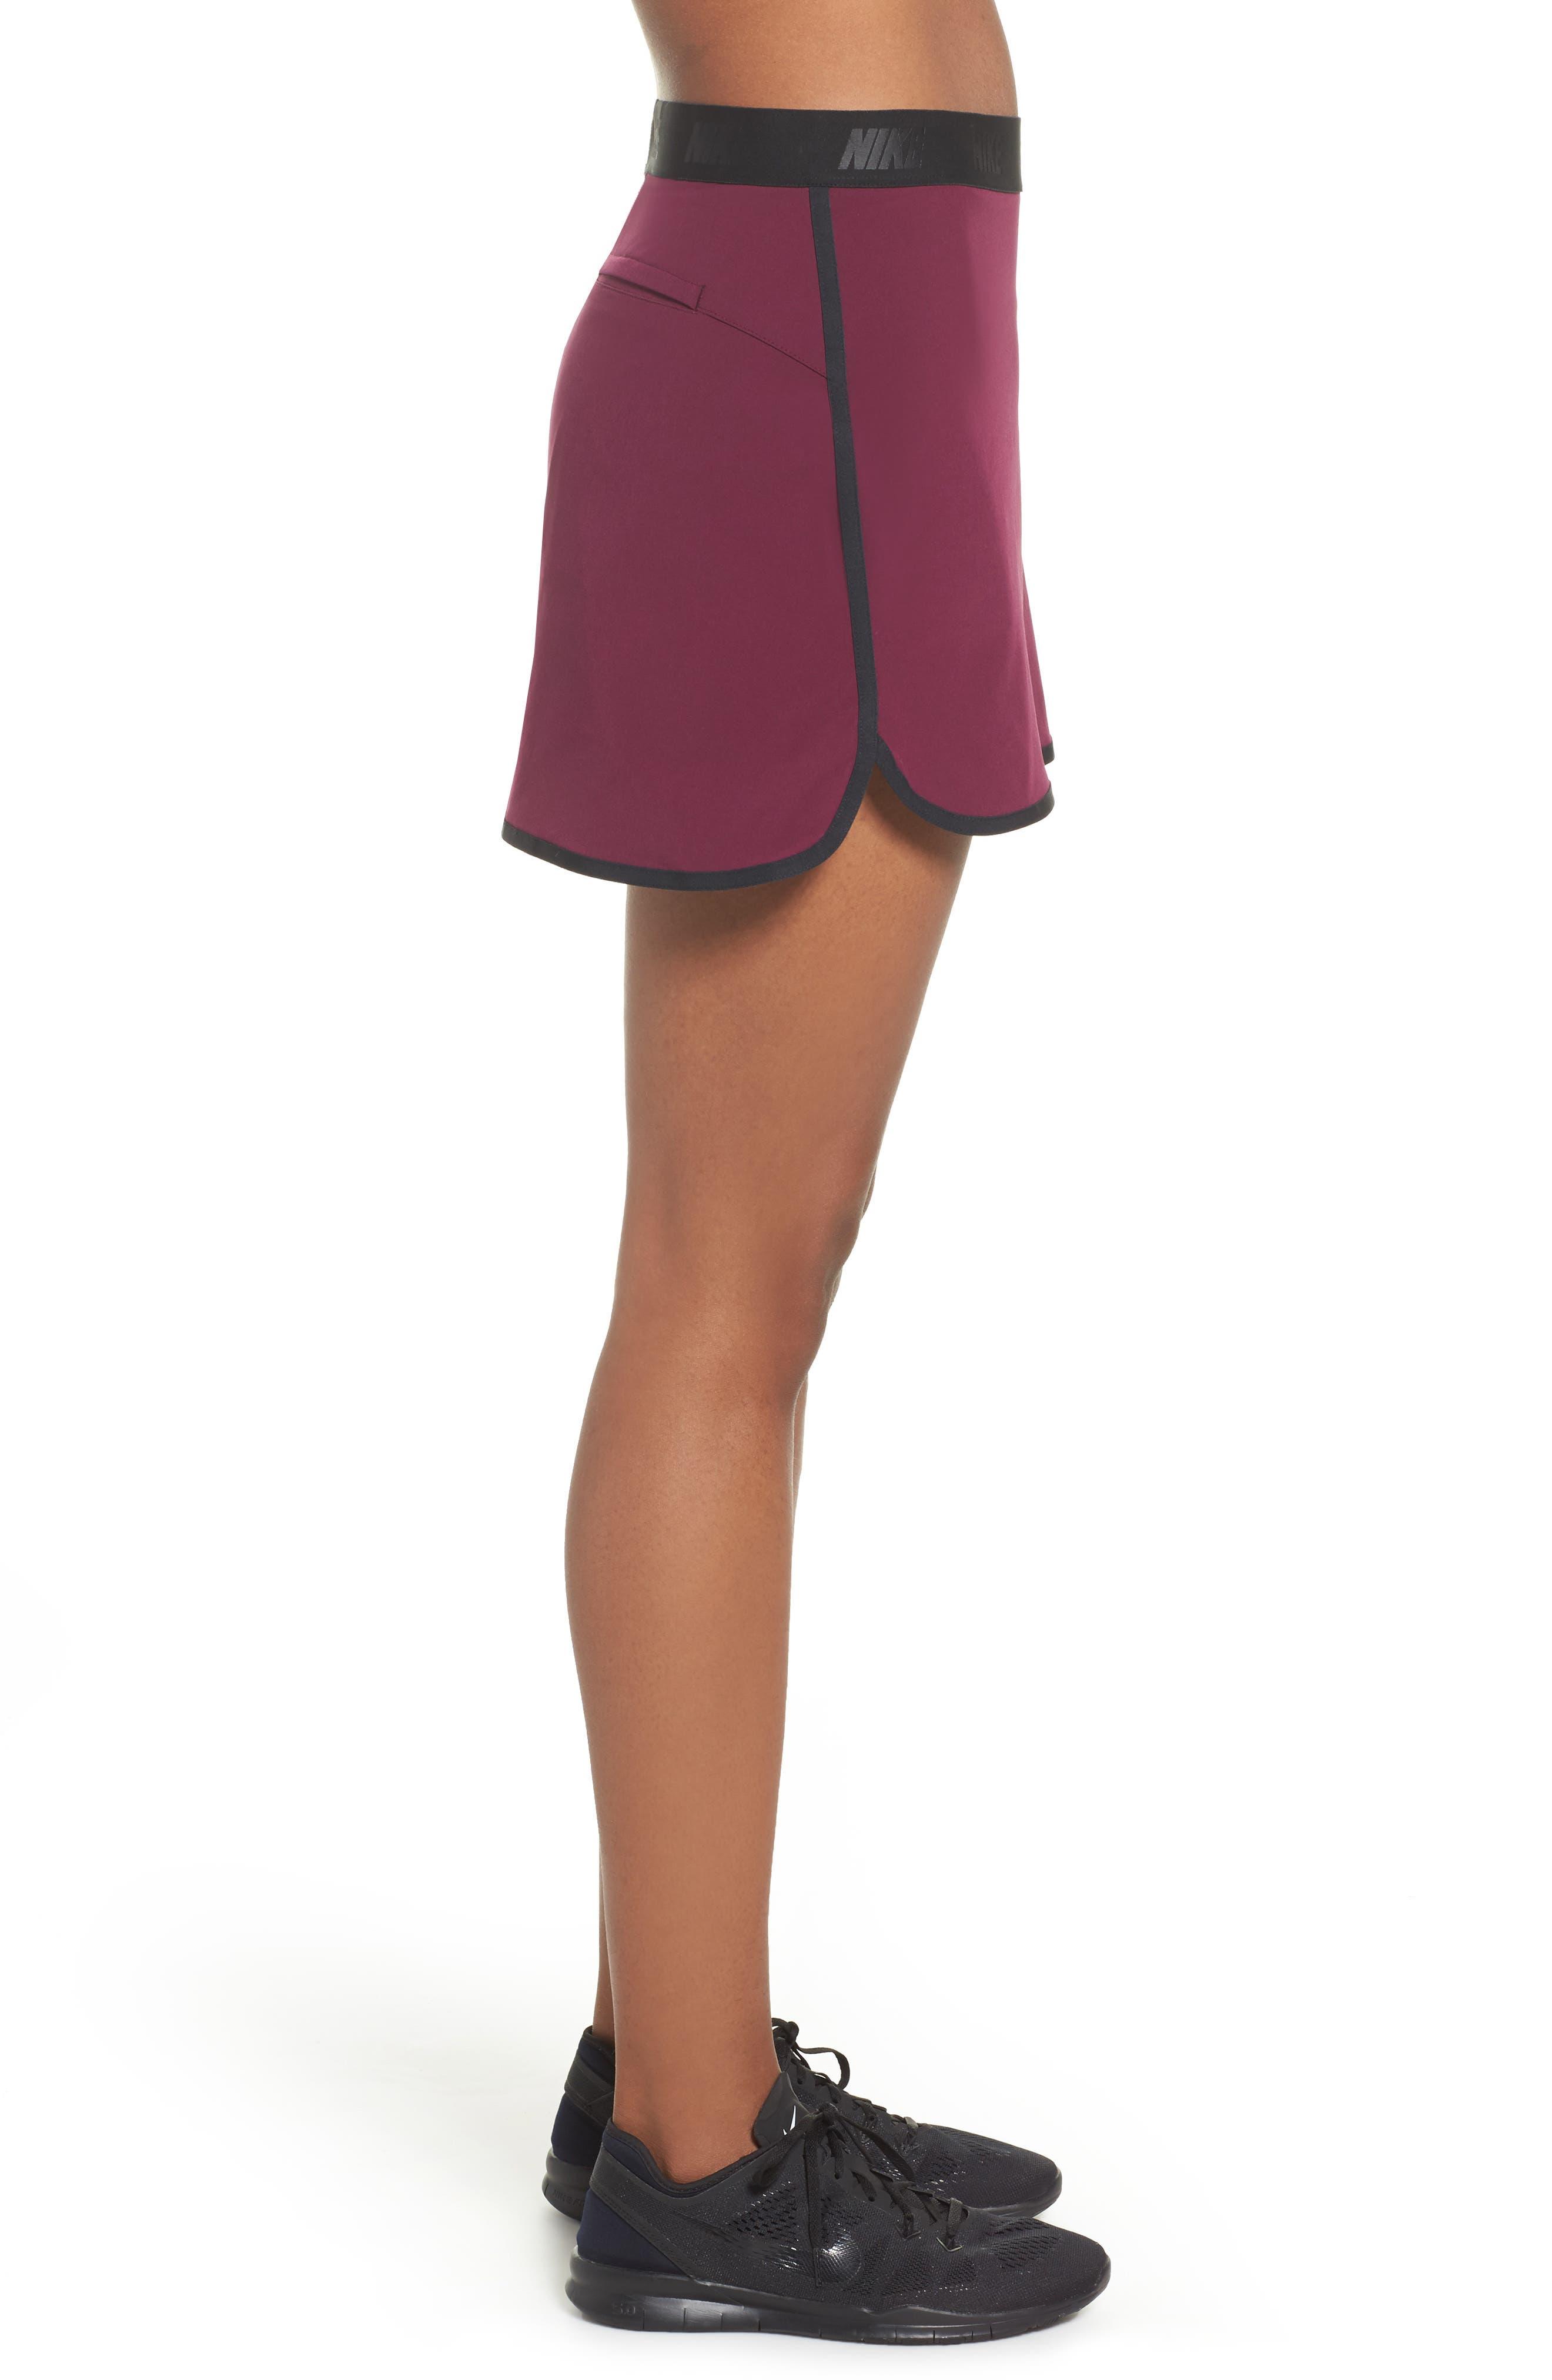 Flex Tennis Skirt,                             Alternate thumbnail 3, color,                             Burgundy